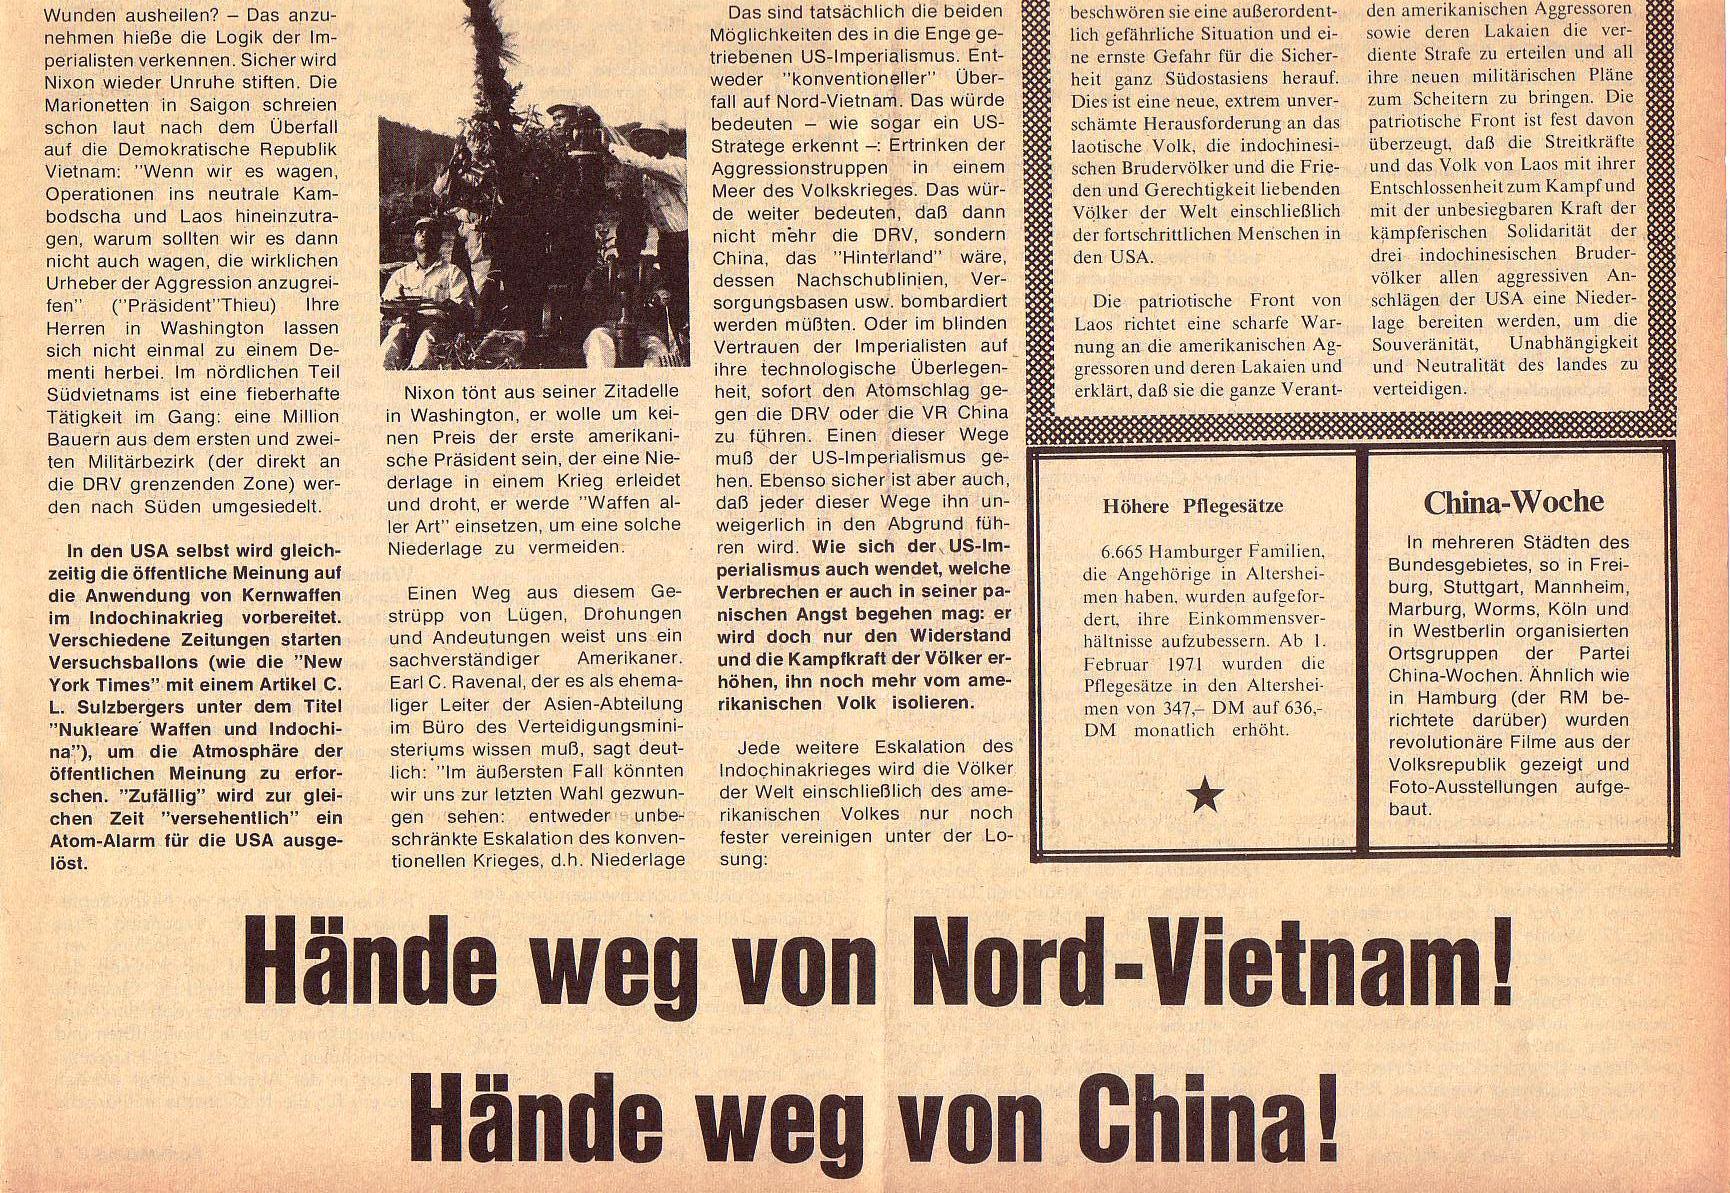 Roter Morgen, 5. Jg., März 1971, Nr. 3, Seite 5b